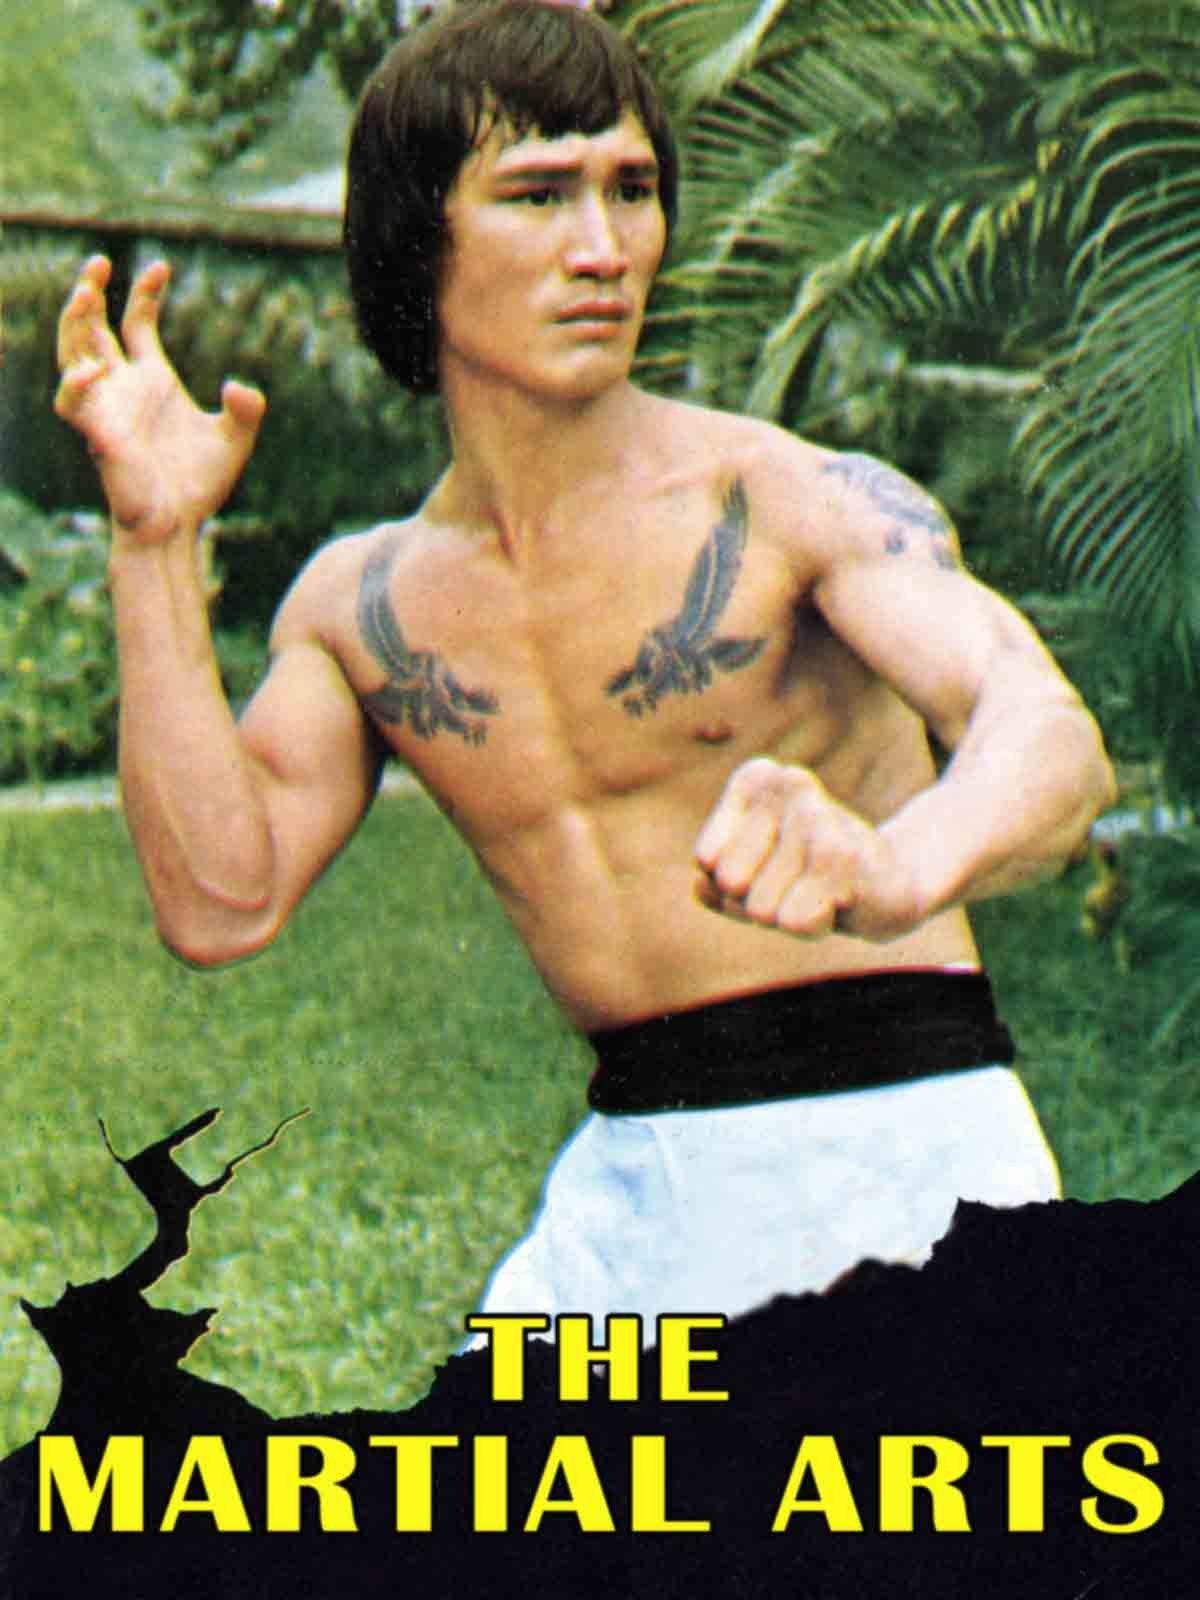 The Martial Arts